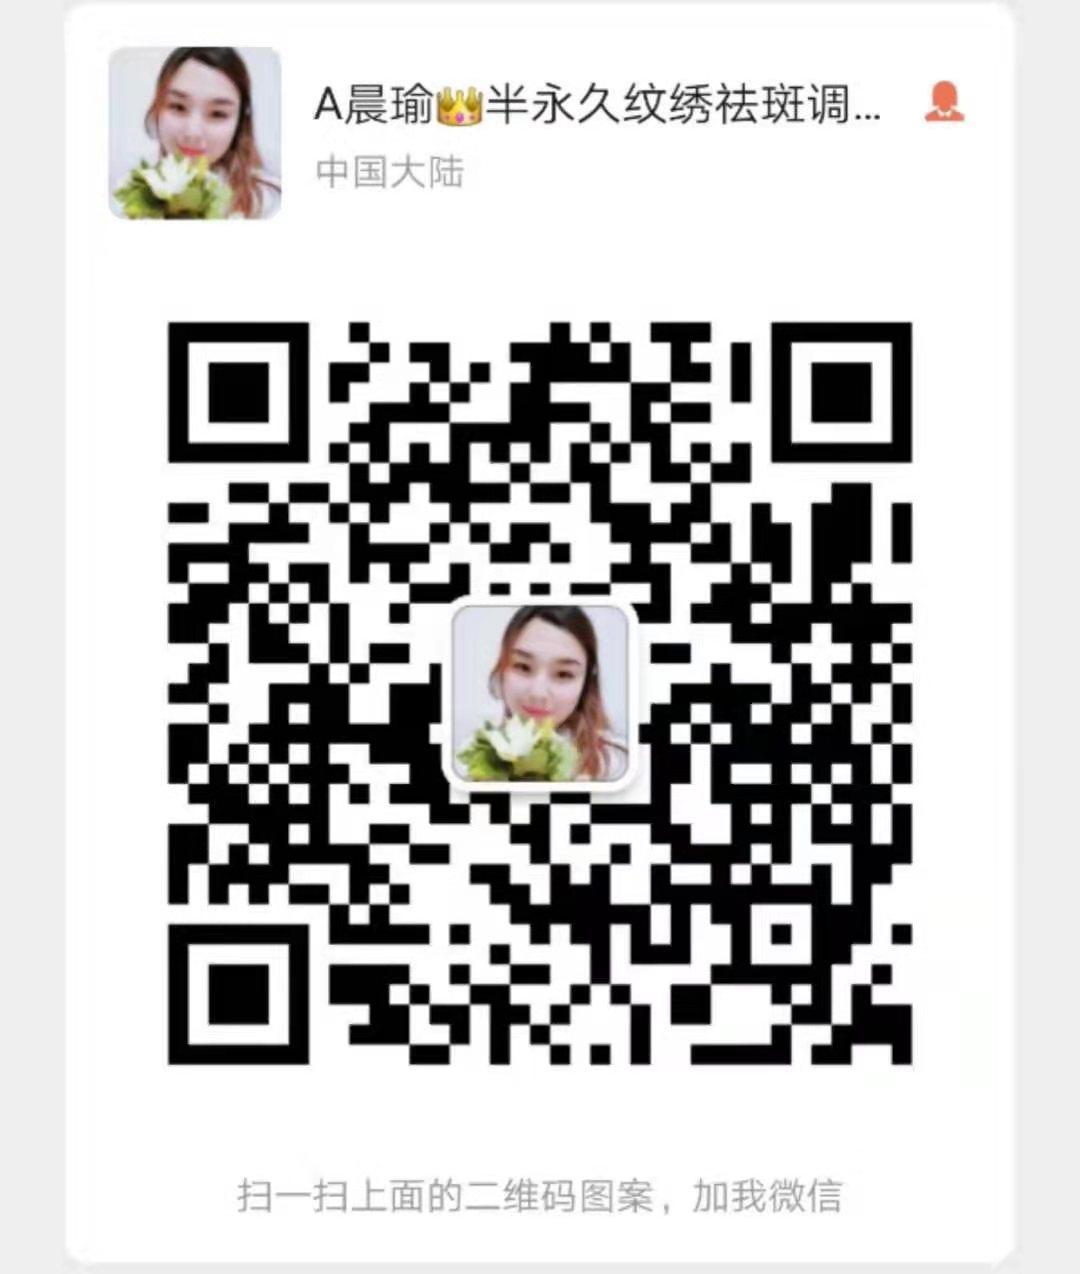 微信图片_201910291500112.jpg